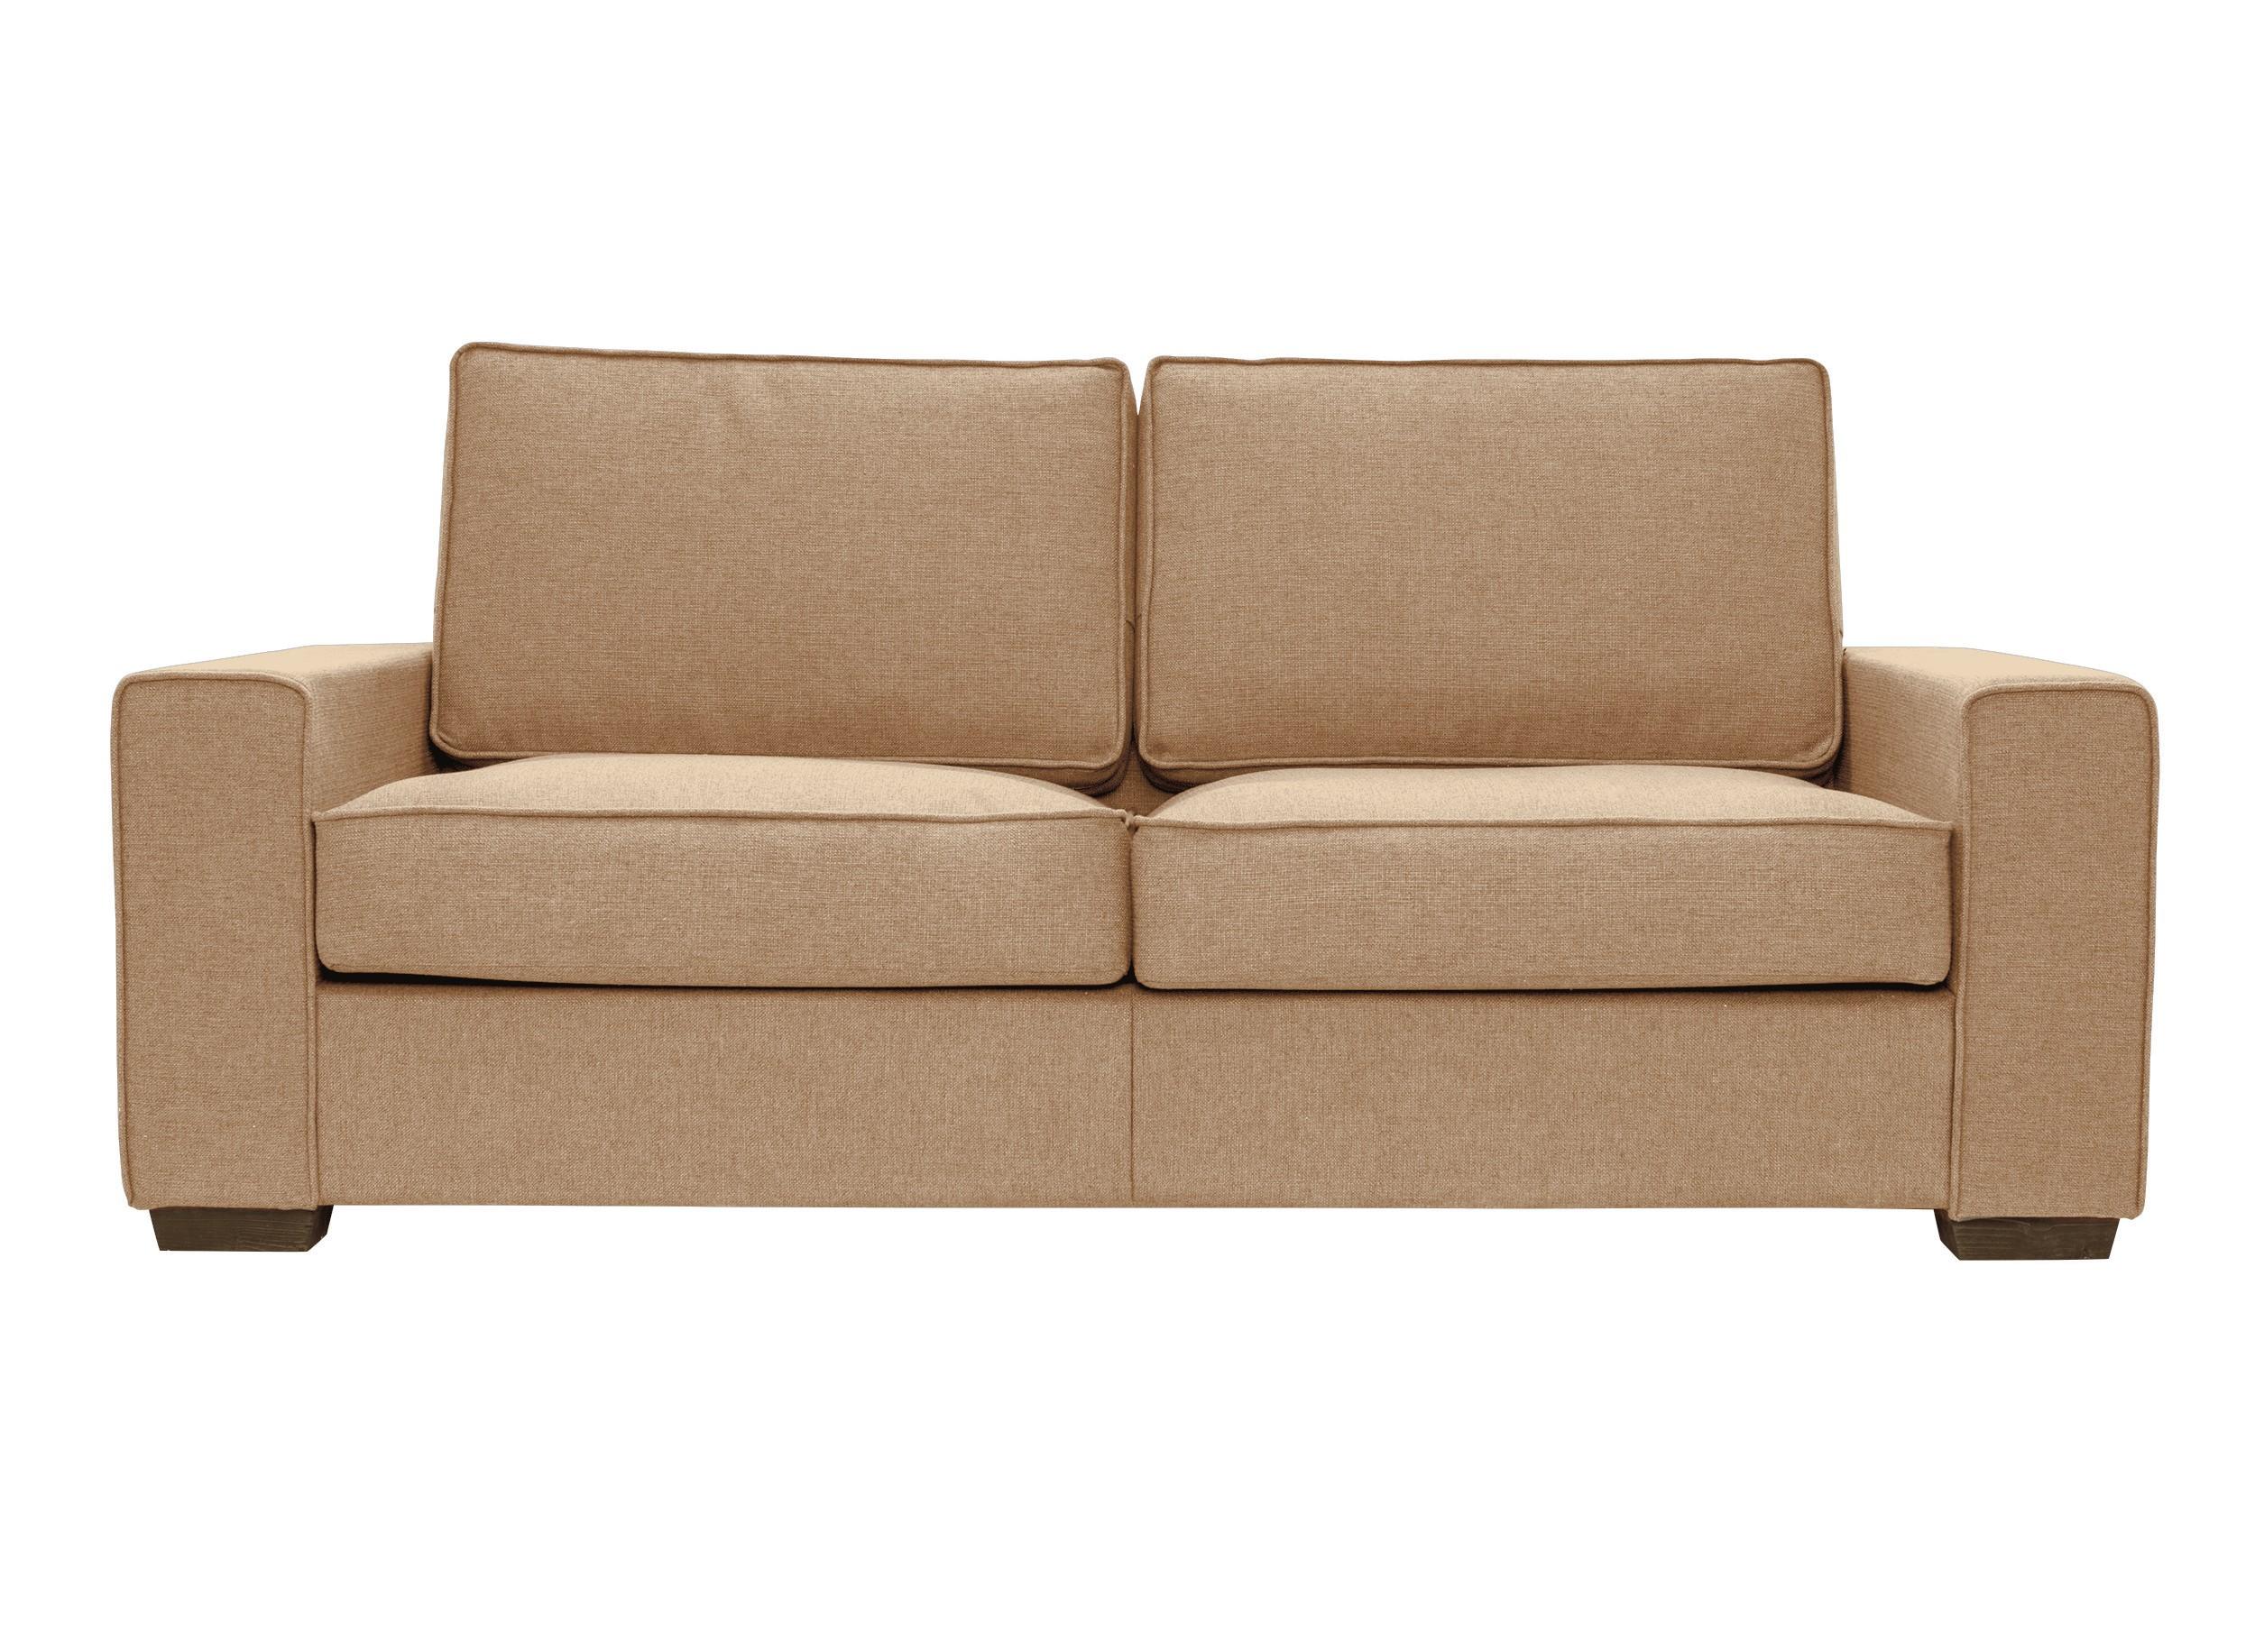 Диван-кровать HallstattПрямые раскладные диваны<br>&amp;lt;div&amp;gt;Этот диван не случайно назван в честь красивейшего из альпийских курортов. Hallstatt -- удобный, надежный и очень европейский. На этом диване можно по-настоящему расслабиться: глубокая посадка и широкие подушки обеспечат прекрасную поддержку спины. Благодаря строгой геометрии линий он будет отлично смотреться &amp;amp;nbsp;в интерьере современной гостиной или в просторном лофте. А для небольшой квартиры Hallstatt может стать основным спальным местом: дополните диван раскладным механизмом 2С и получится удобная двухместная кровать.&amp;amp;nbsp;&amp;lt;/div&amp;gt;&amp;lt;div&amp;gt;&amp;lt;br&amp;gt;&amp;lt;/div&amp;gt;&amp;lt;div&amp;gt;Специально для этой серии мы подобрали палитру из &amp;amp;nbsp;9 &amp;amp;nbsp;стильных оттенков рогожки.&amp;amp;nbsp;&amp;lt;/div&amp;gt;&amp;lt;div&amp;gt;&amp;lt;br&amp;gt;&amp;lt;/div&amp;gt;&amp;lt;div&amp;gt;Размеры спального места: 200х120, 200х140, 200х160 см&amp;lt;/div&amp;gt;&amp;lt;div&amp;gt;Материал корпуса: фанера, брус&amp;lt;/div&amp;gt;&amp;lt;div&amp;gt;Материал обивки: рогожка, 40000 циклов&amp;lt;/div&amp;gt;&amp;lt;div&amp;gt;Дополнительные опции: ящик - &amp;amp;nbsp;3960р, ножки (дерево или хром) - 2141р.&amp;lt;/div&amp;gt;&amp;lt;div&amp;gt;Оттенок ткани: Lama_020&amp;lt;/div&amp;gt;&amp;lt;div&amp;gt;&amp;lt;br&amp;gt;&amp;lt;/div&amp;gt;&amp;lt;div&amp;gt;Варианты раскладного механизма: 2С (на каждый день) или французская раскладушка (гостевой вариант)&amp;lt;/div&amp;gt;<br><br>Material: Текстиль<br>Width см: 200<br>Depth см: 82<br>Height см: 80